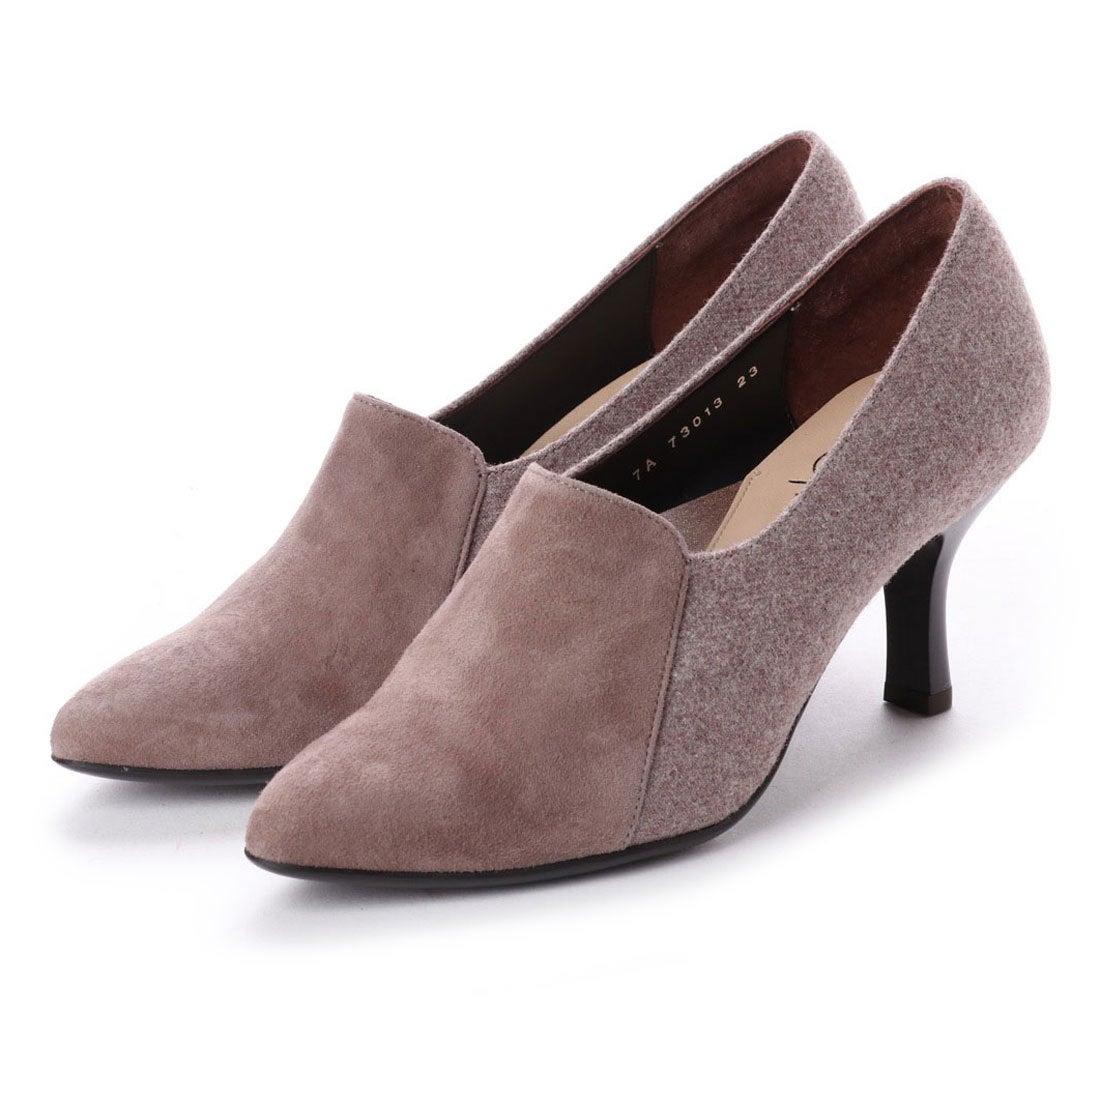 ロコンド 靴とファッションの通販サイトスタイルラボ STYLE lab スタイルラボ パンプス (ベージュコンビ)